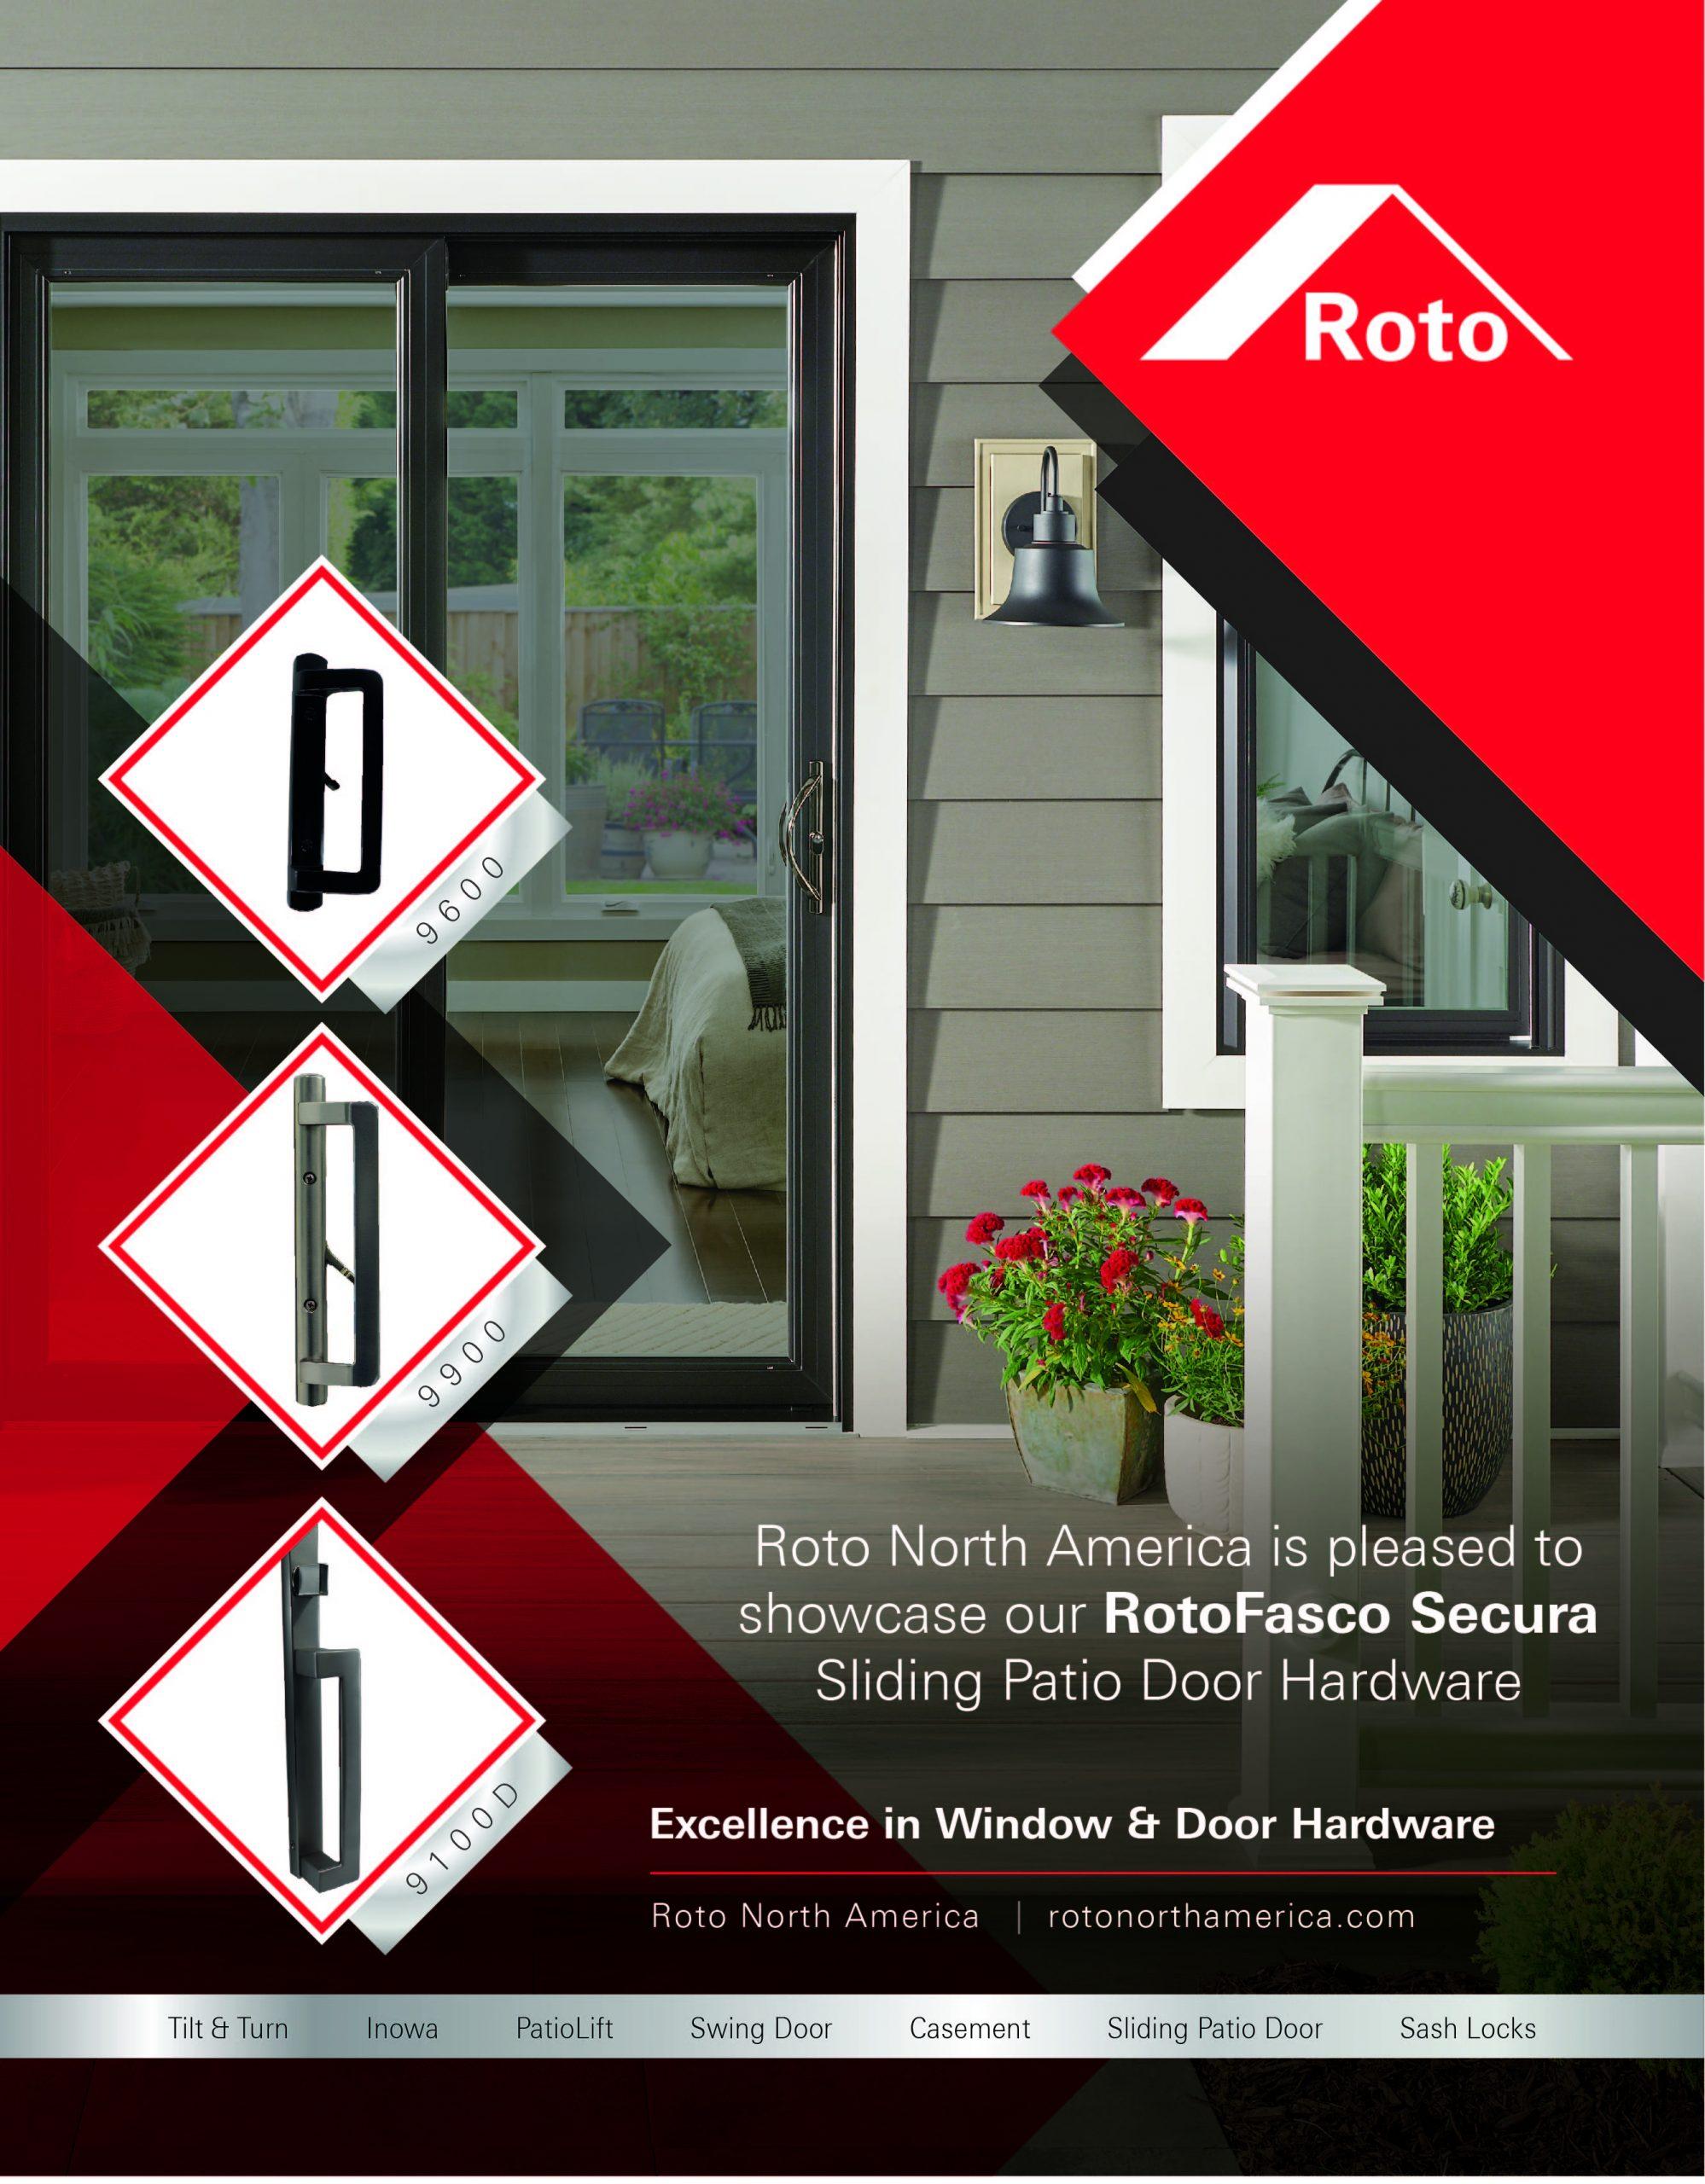 Roto-North-America-Sliding-Patio-Ad